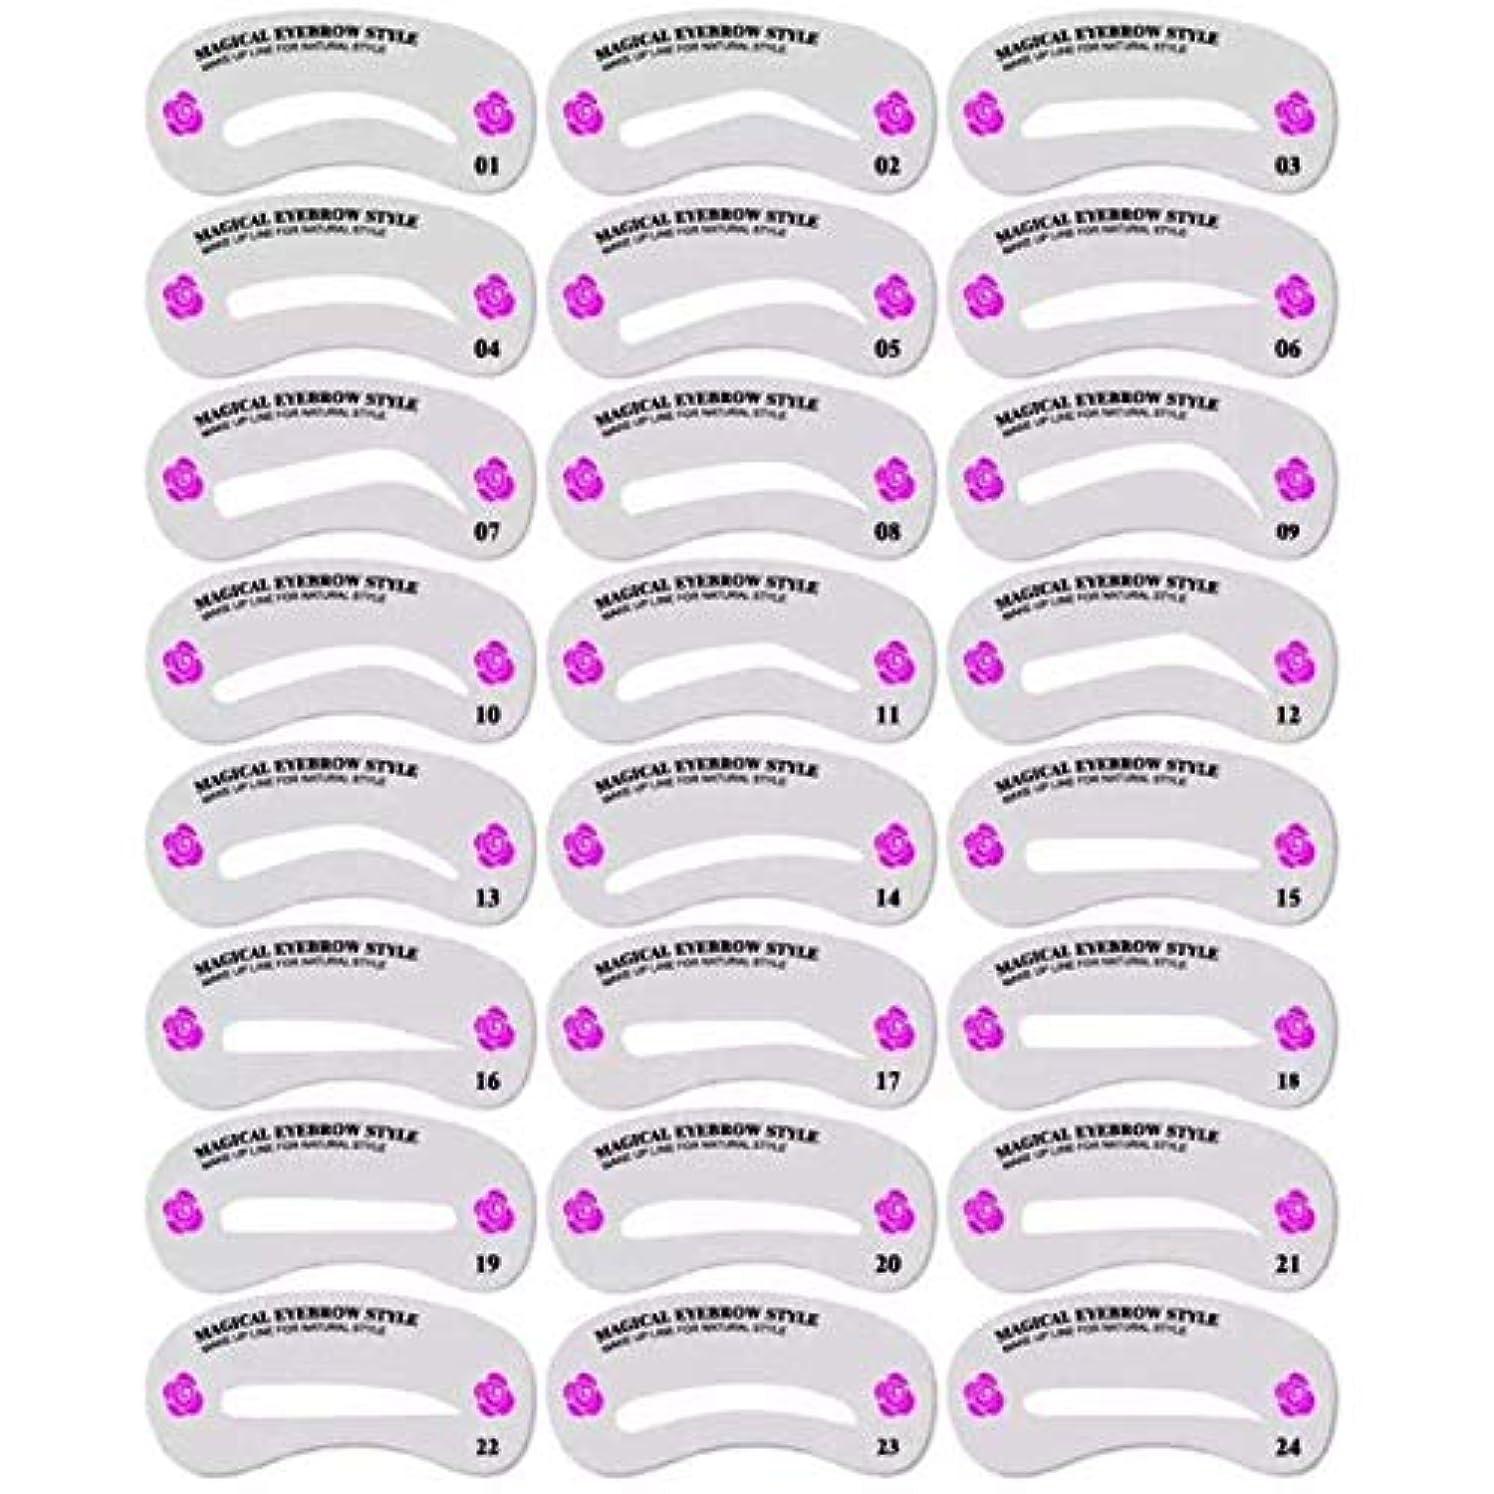 相談スラッシュ気味の悪い眉毛テンプレート 24種類 美容ツール メイクアップ ガイド 眉毛を気分で使い分け 男女兼用 (24枚セット)